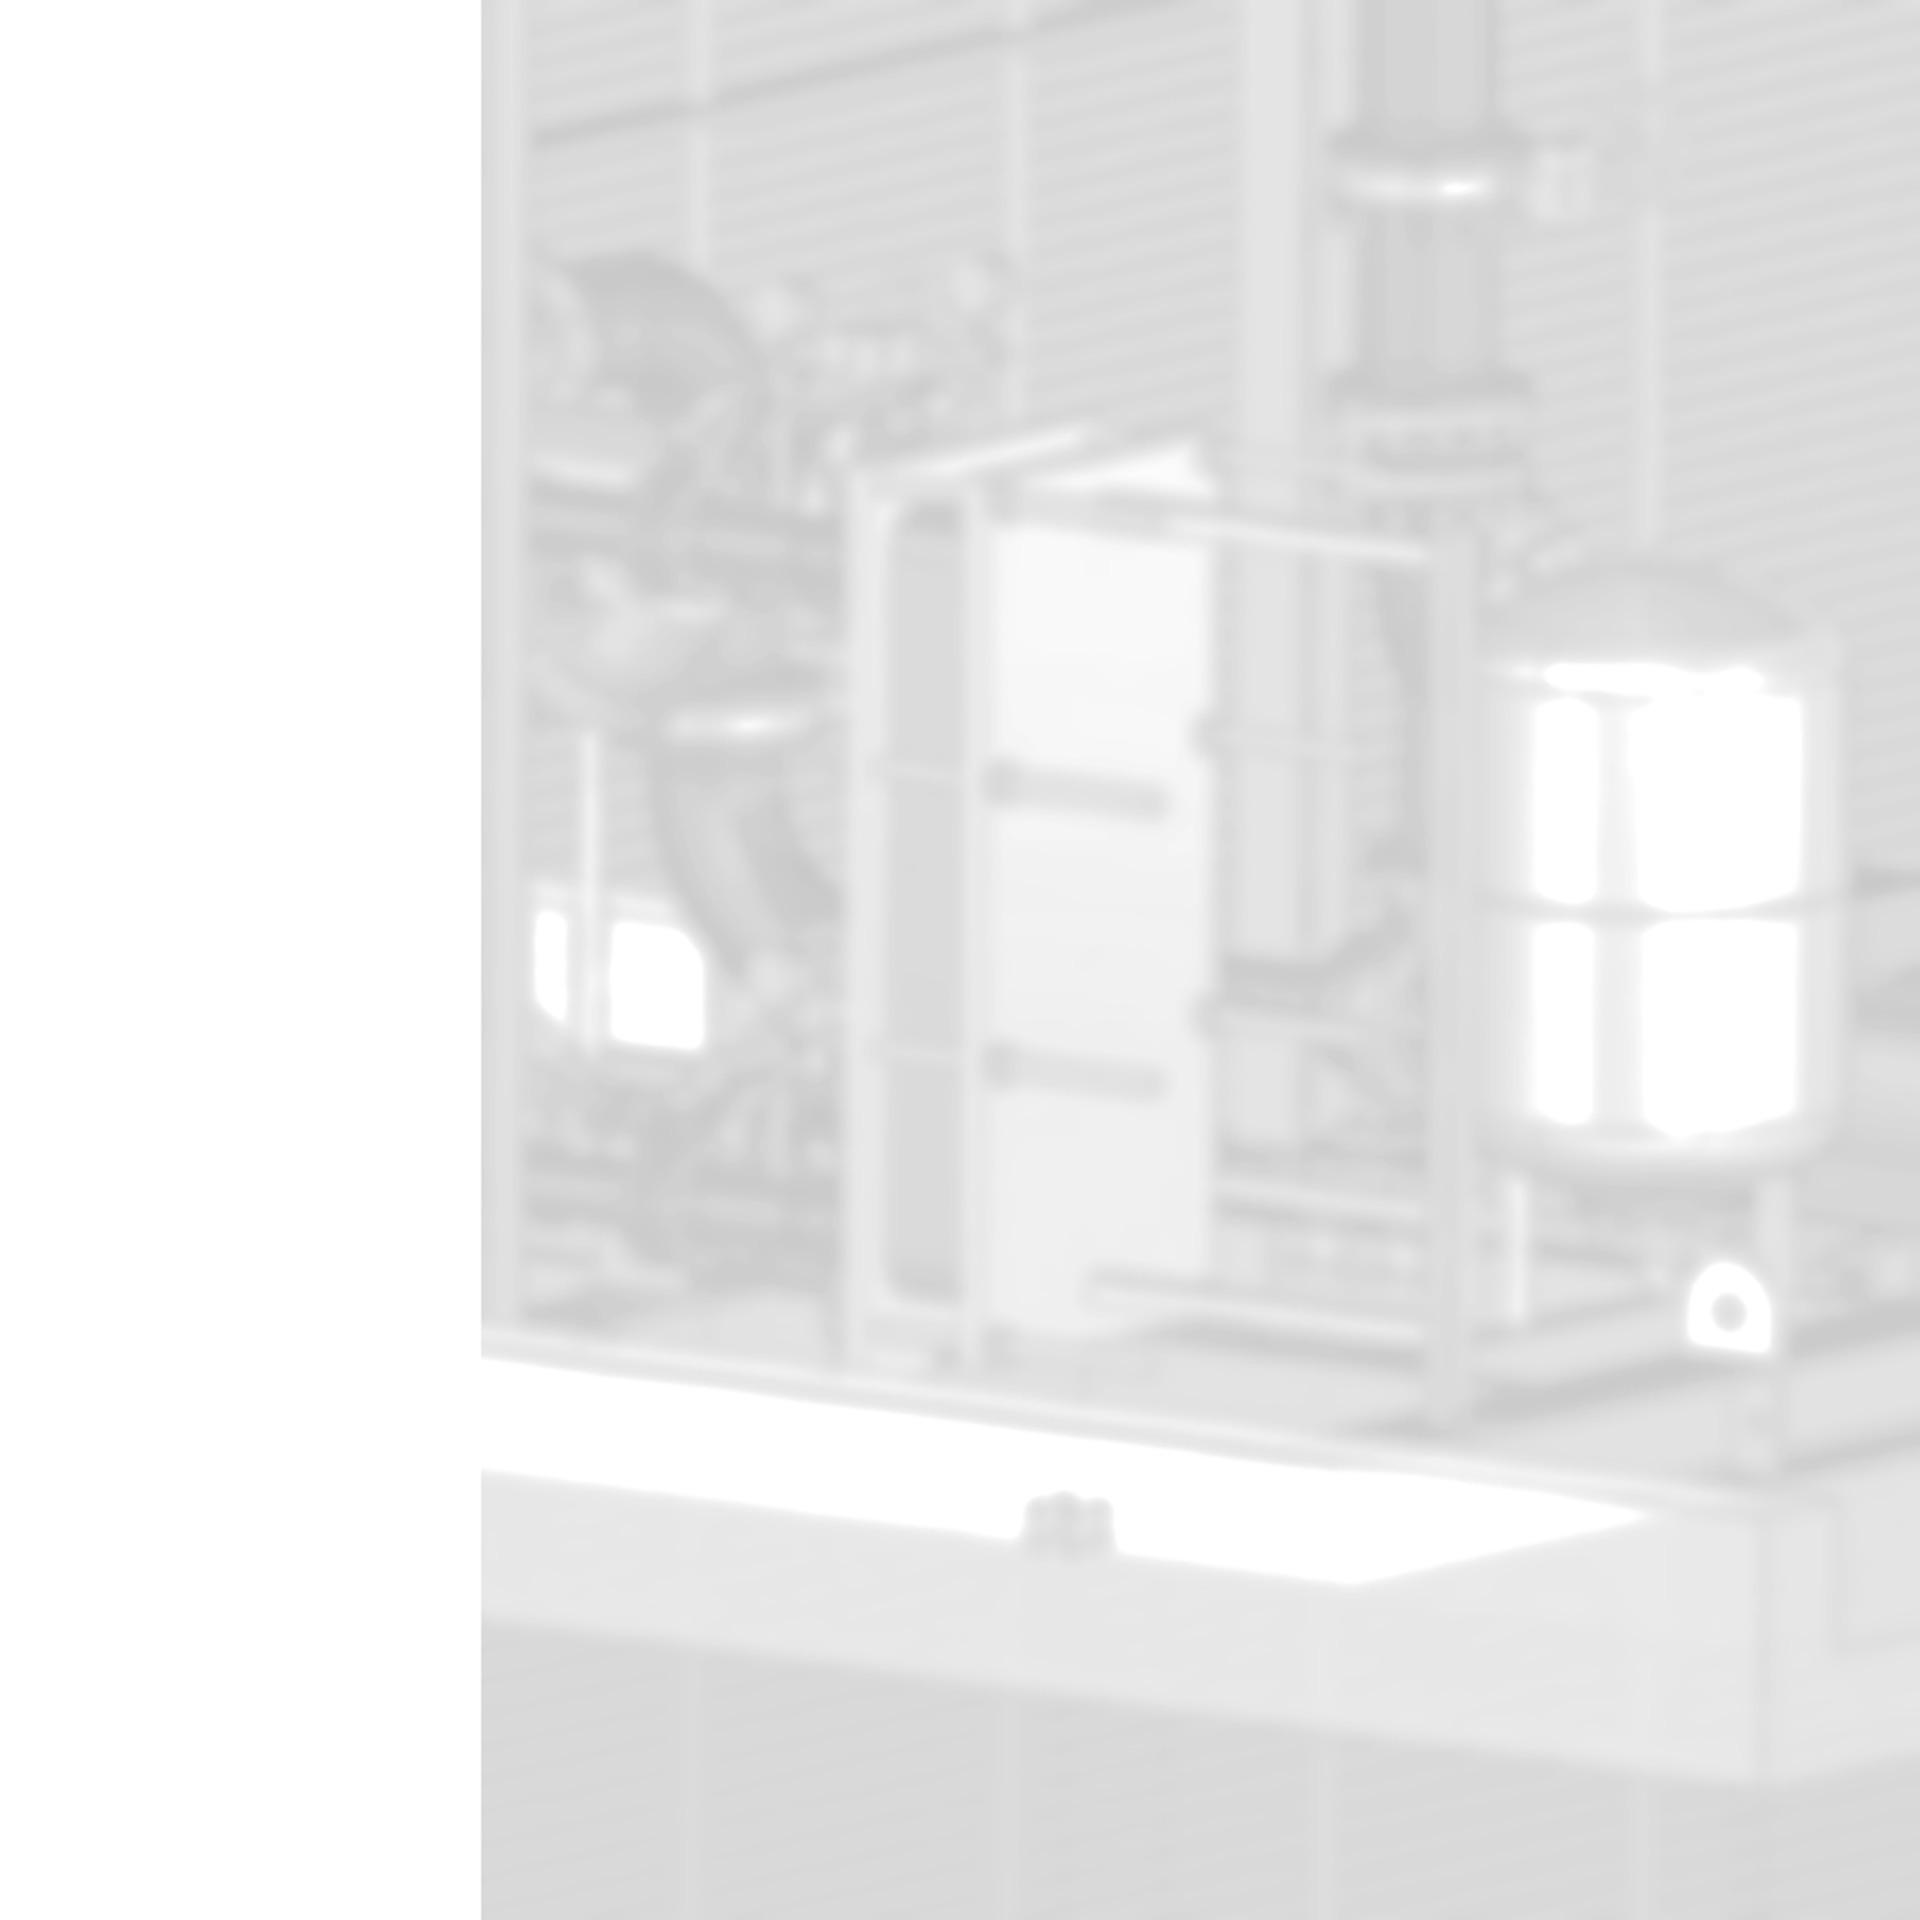 GWA_engineering_made_in_germany_5_Gesellschaft_fuer_Waerme_und_Anlagentechnik_mbH_monochrom